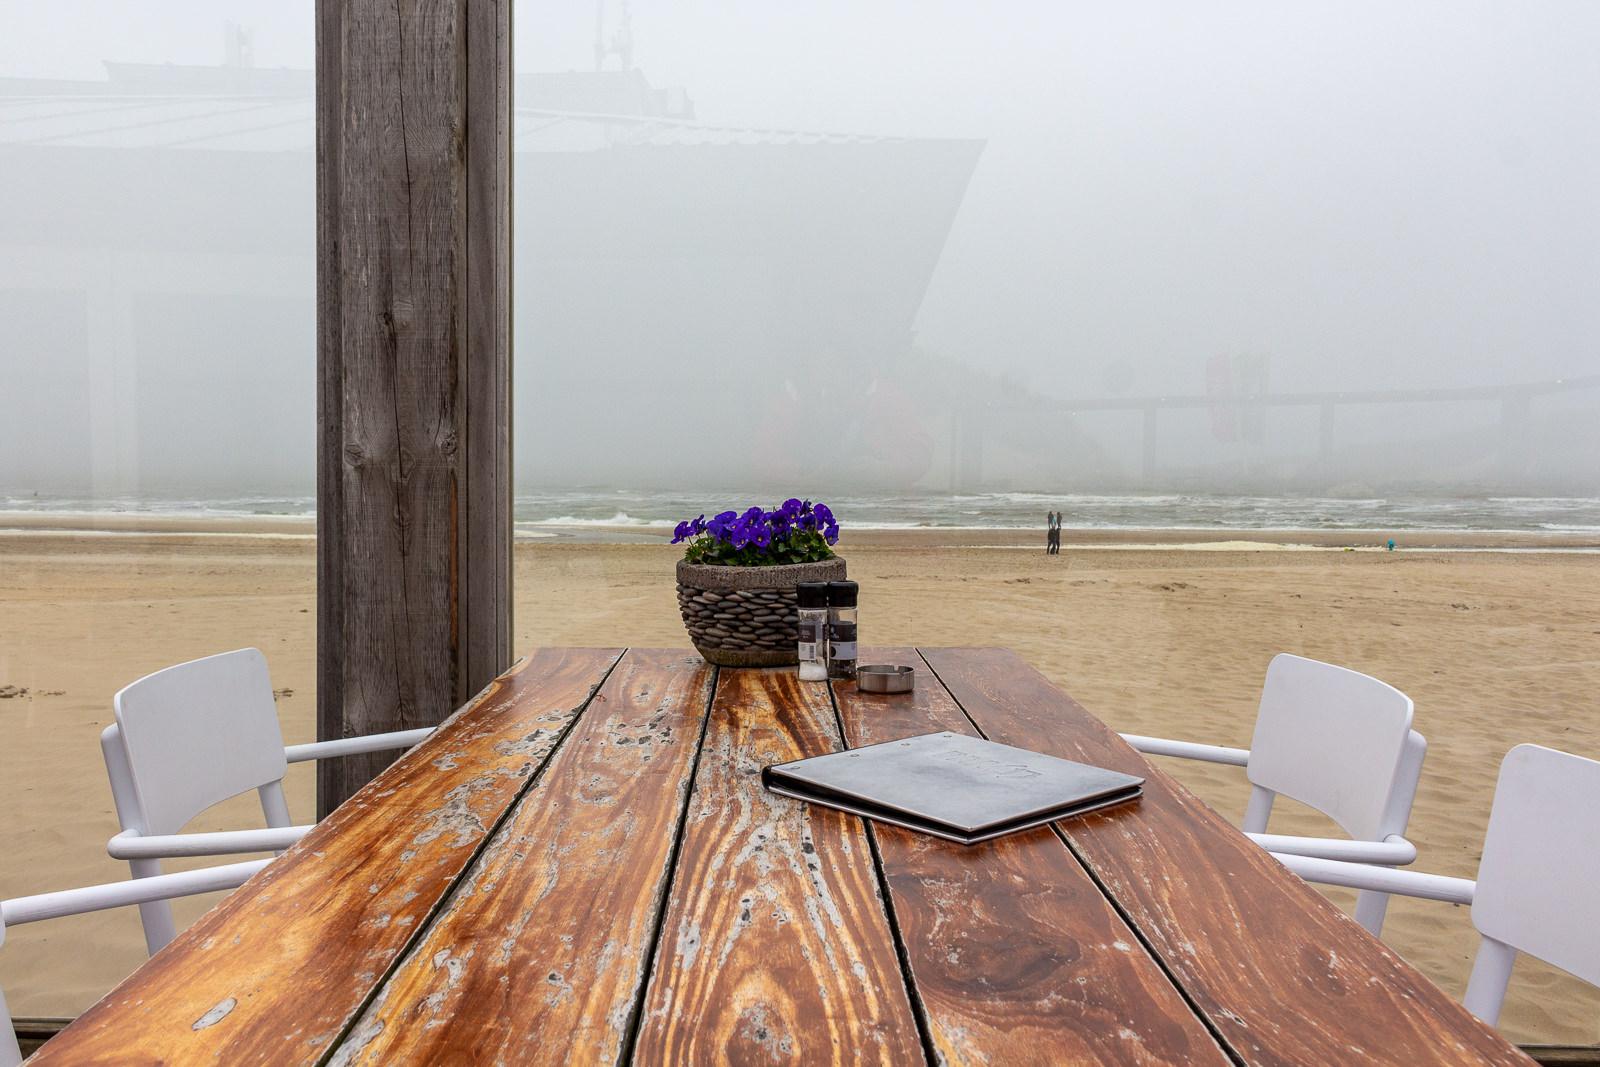 Texel, Strandrestaurant, Paal 17, ecomare, Strand